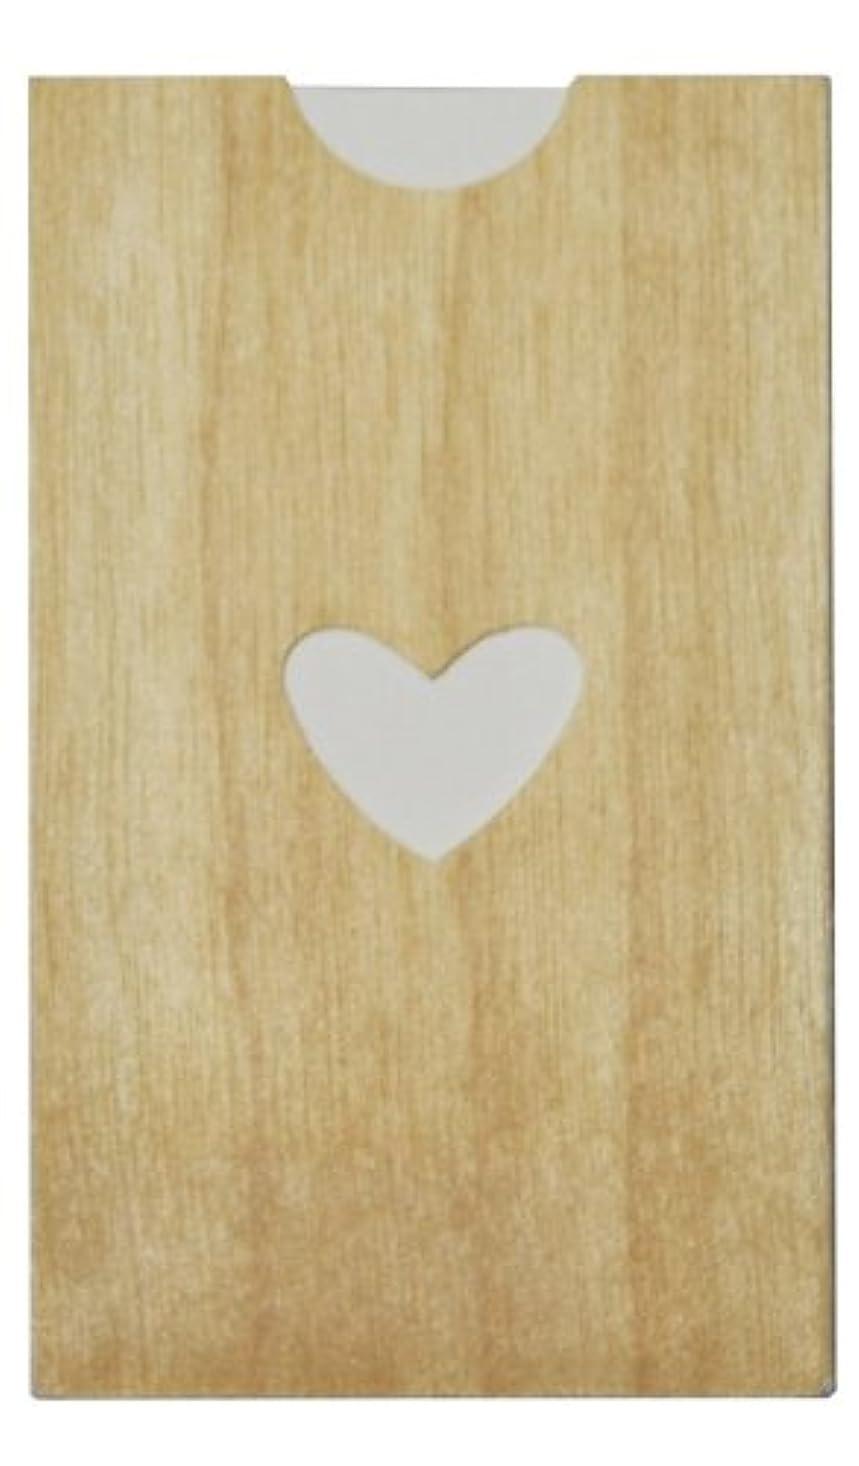 養うバングラデシュ影響力のあるyuica(ユイカ) 香りのカード /ハート(ヒノキのシートケース+ムエット紙10枚)